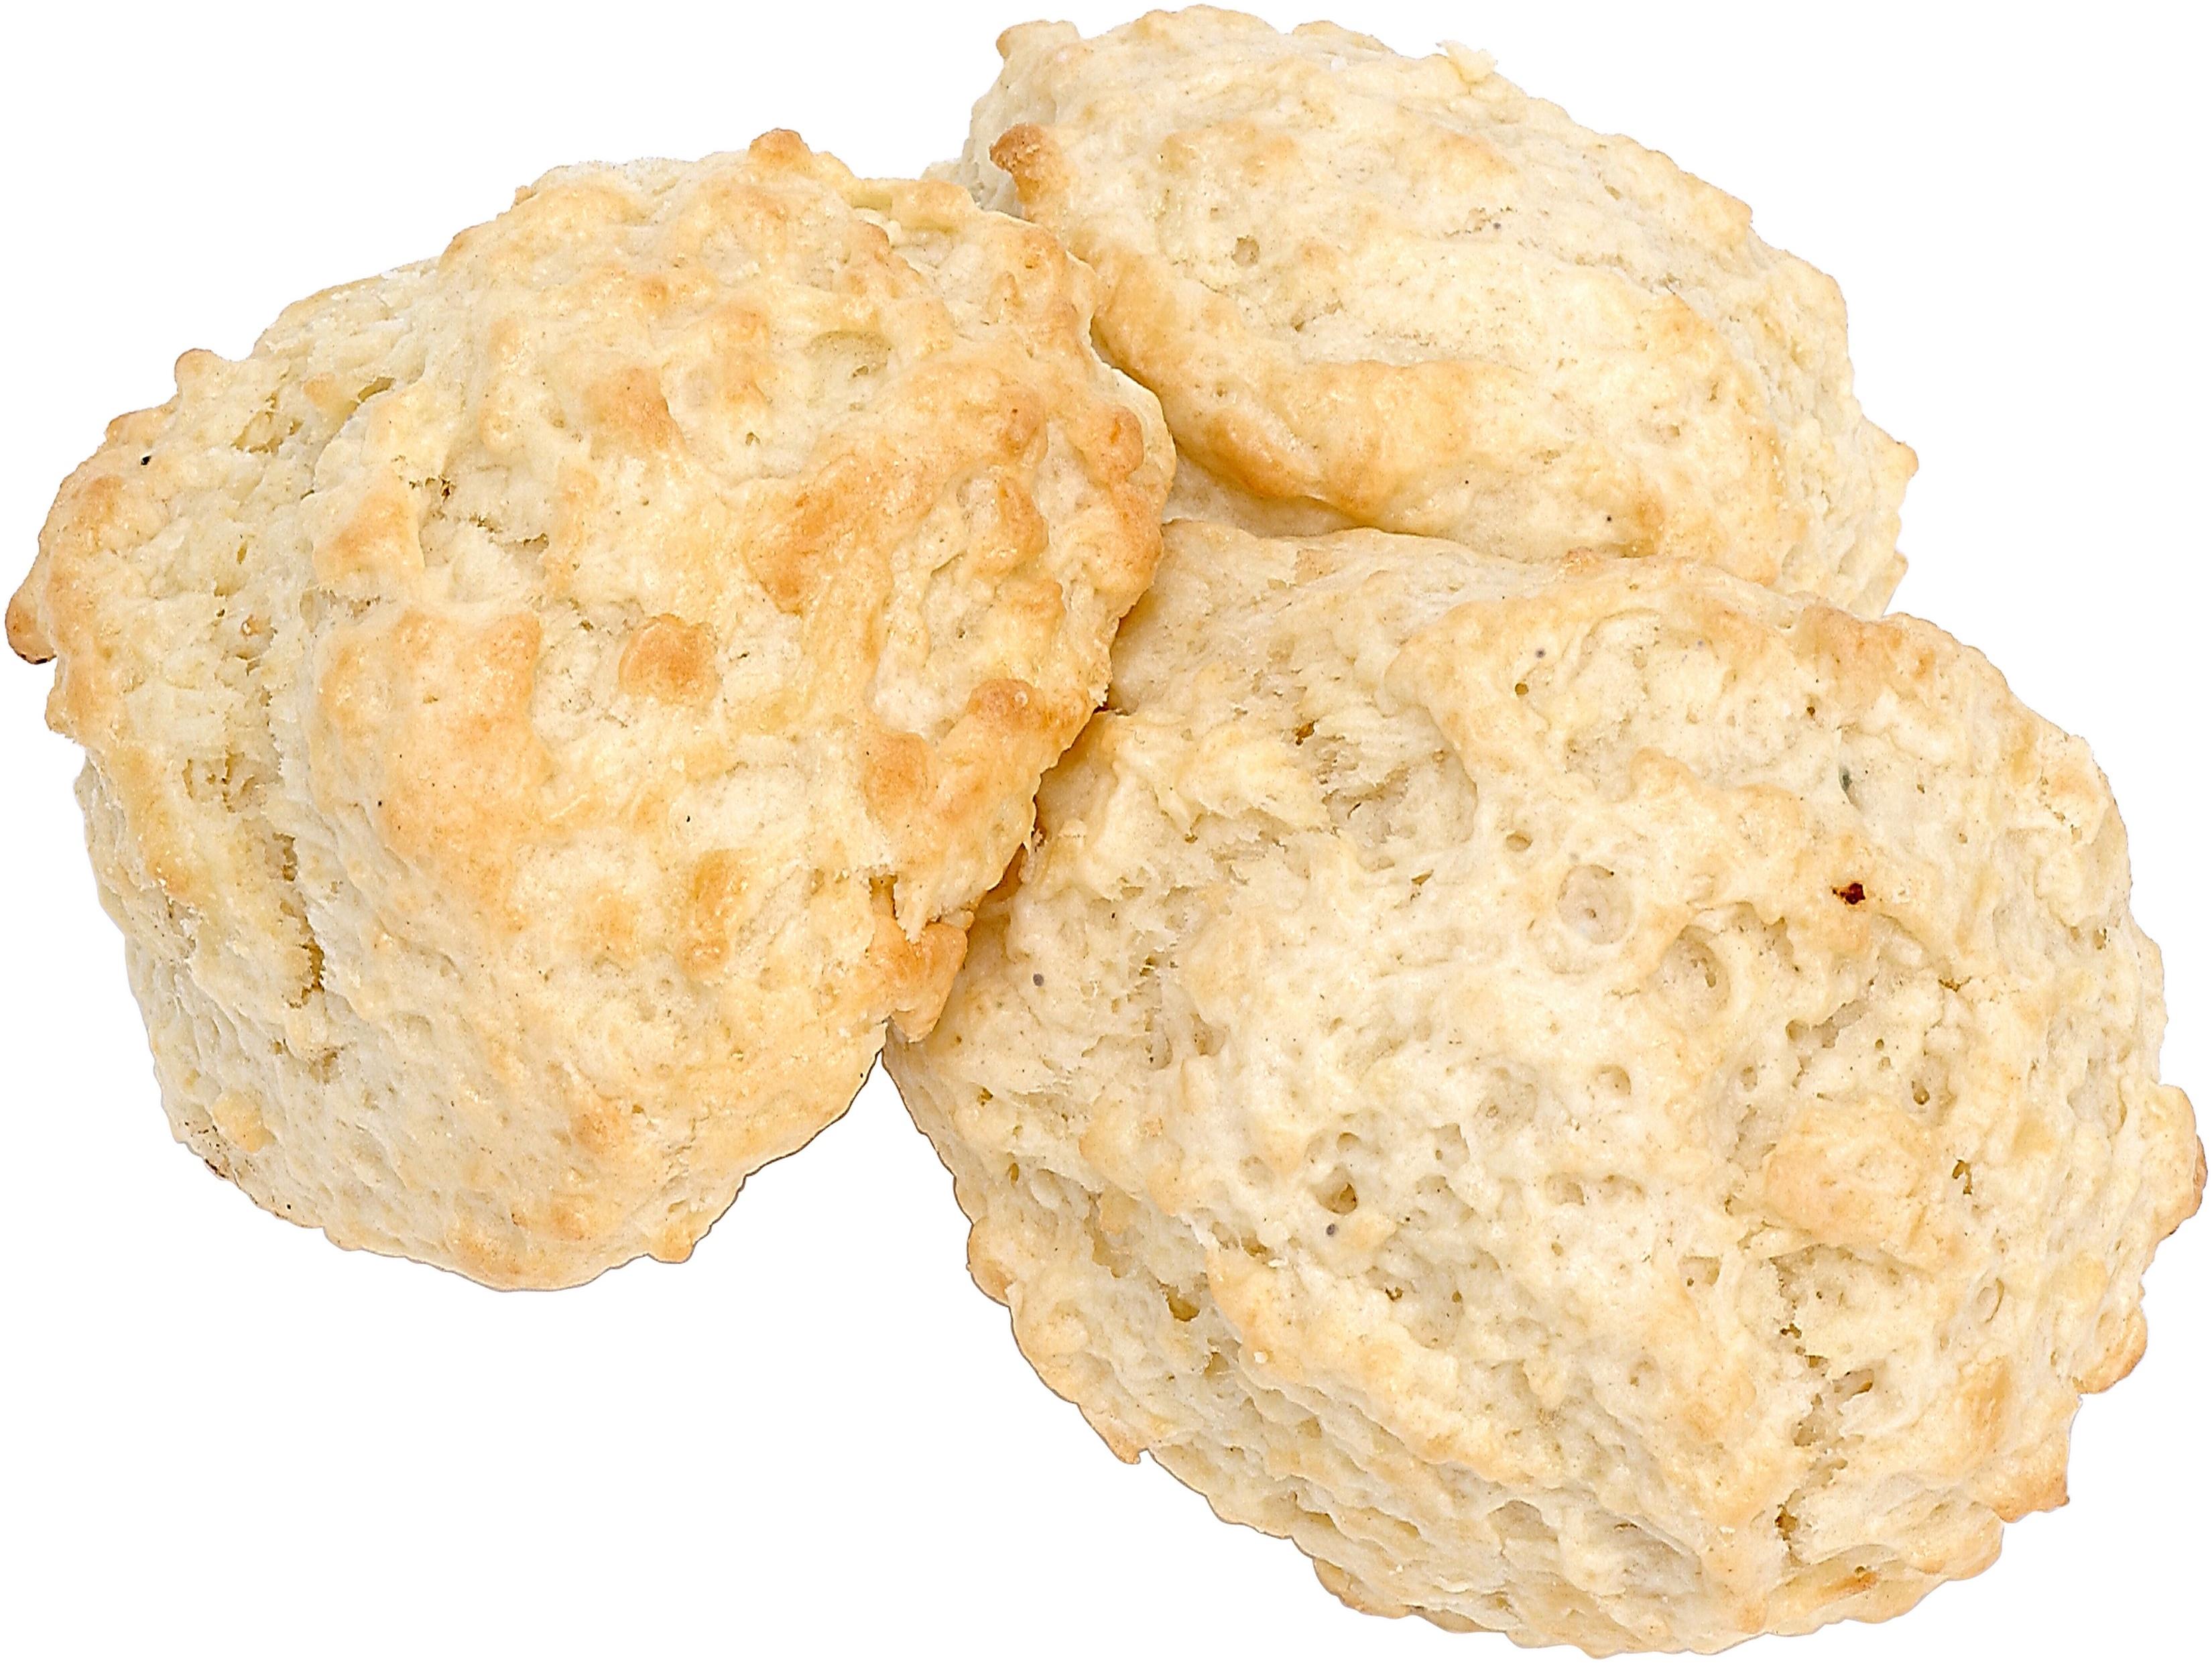 Os biscoitos de batata doce podem ser servidos com um assado ou comido para o café da manhã.